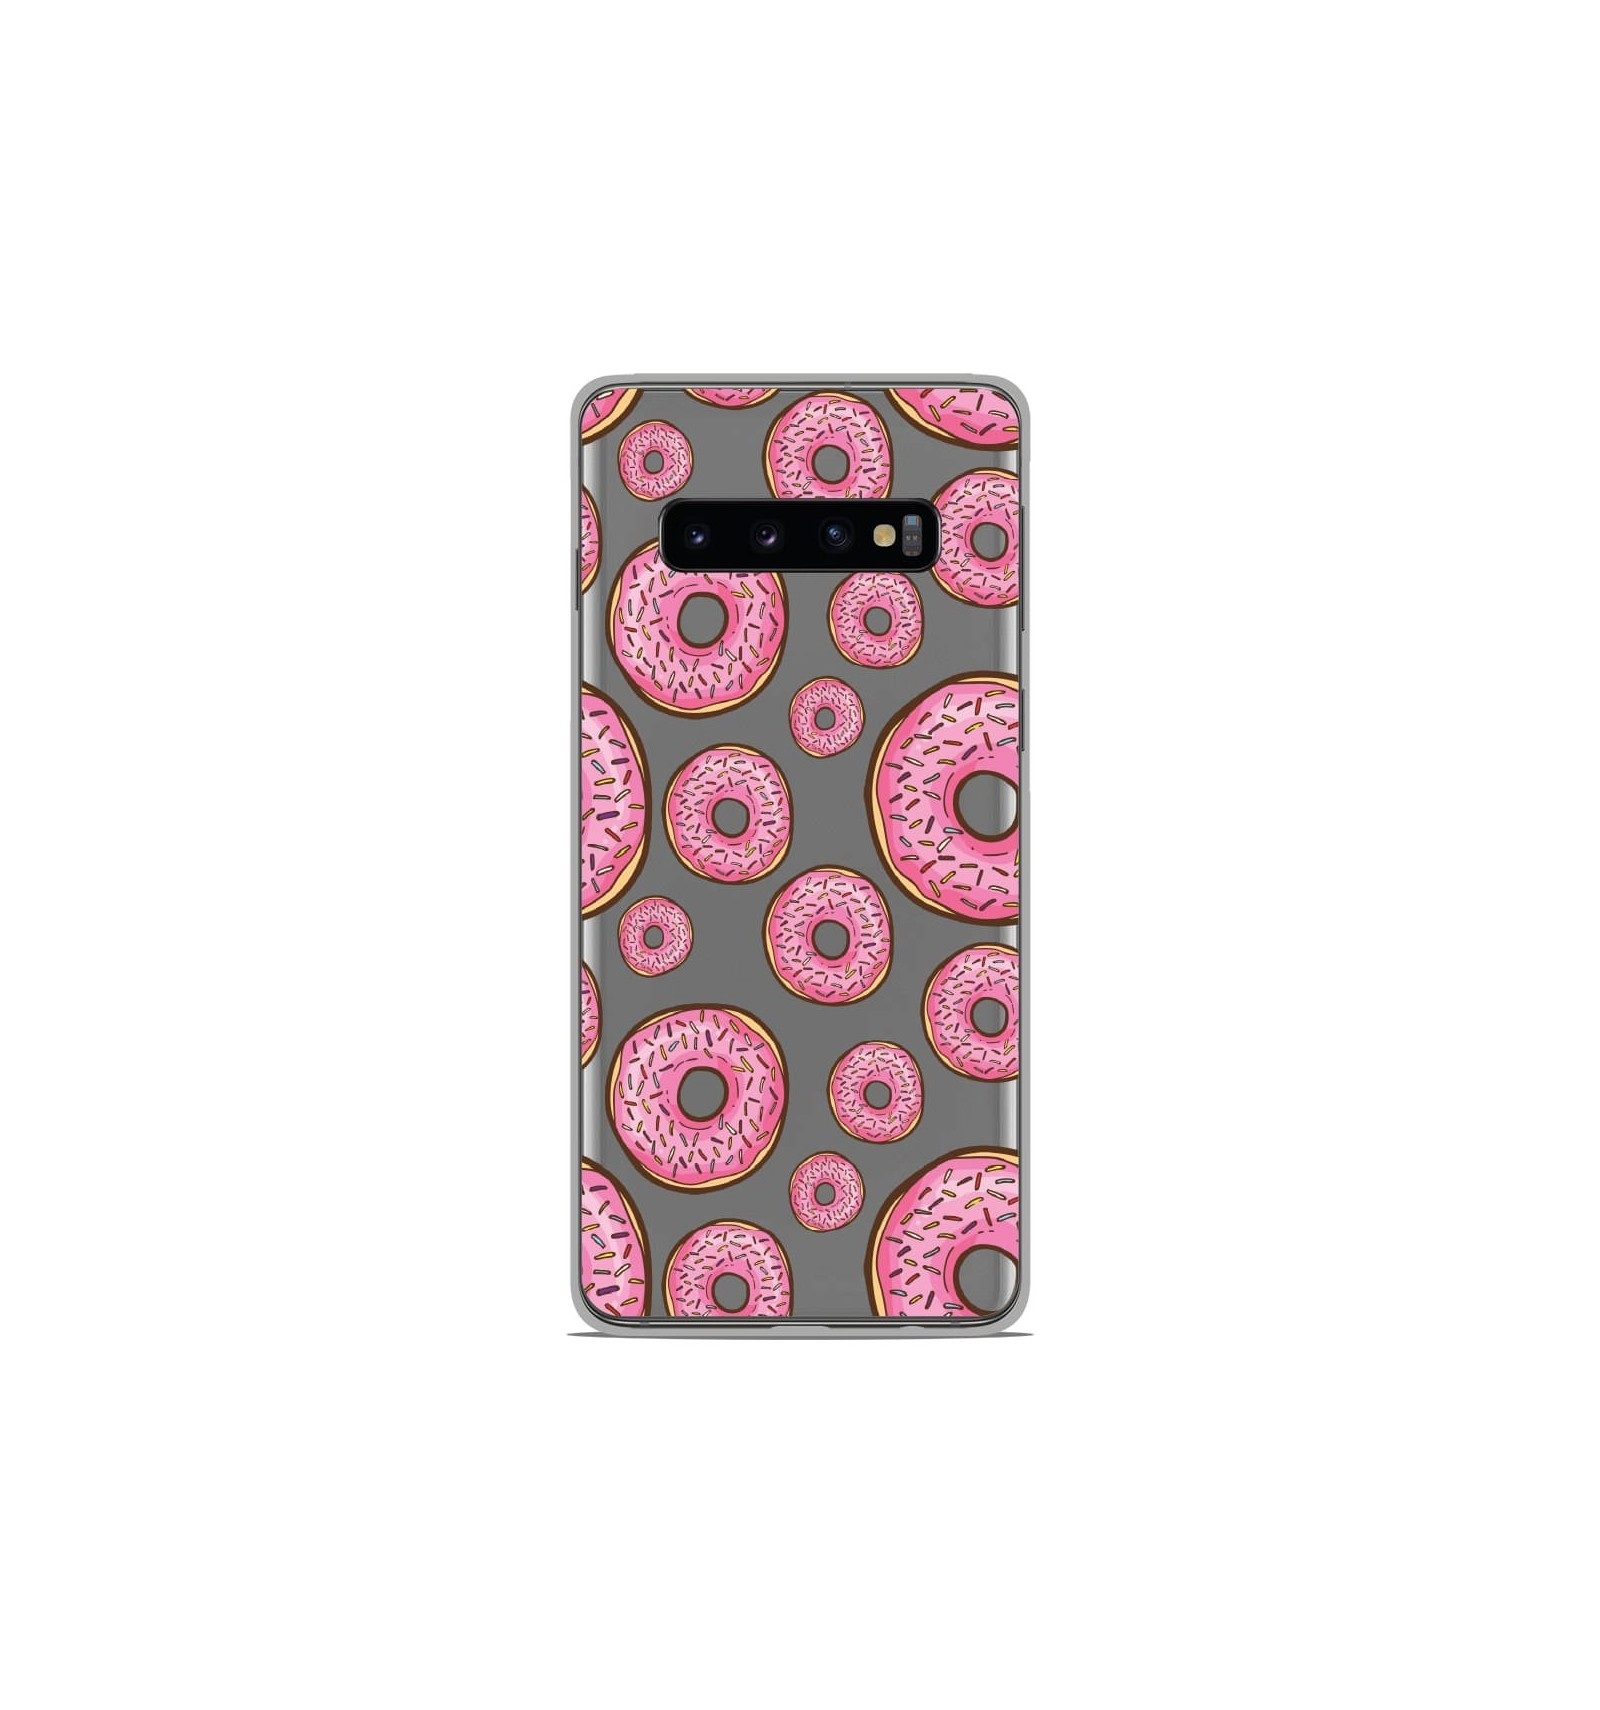 Coque en silicone Samsung Galaxy S10 Plus - Donuts